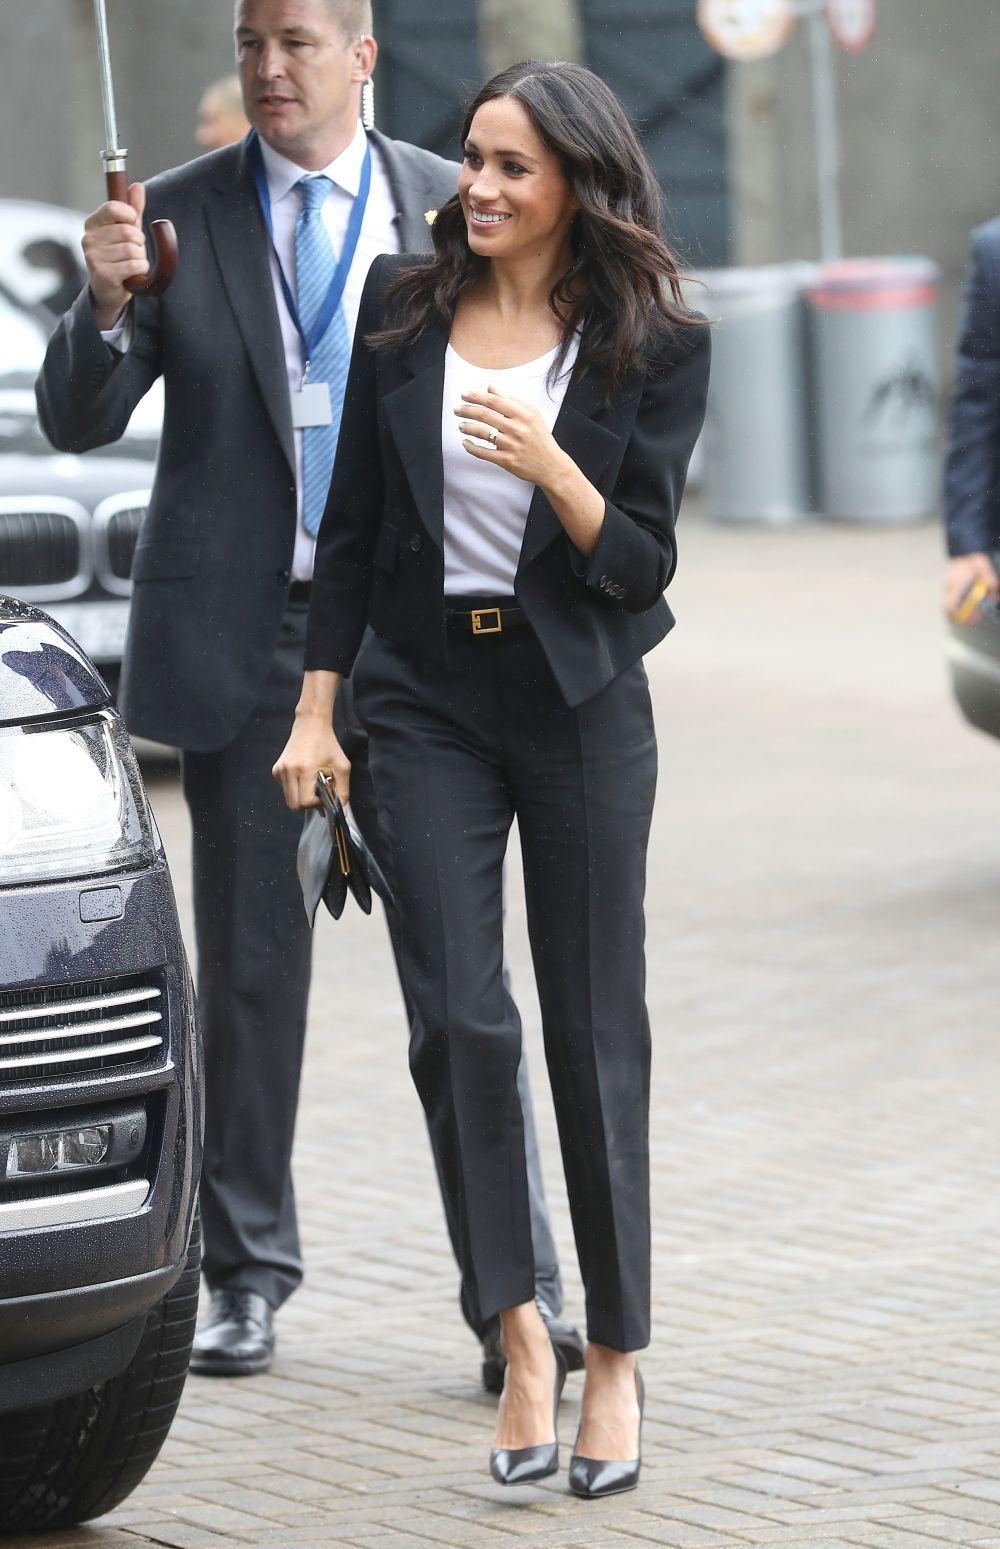 La duquesa de Sussex con un traje chaqueta de Givenchy.